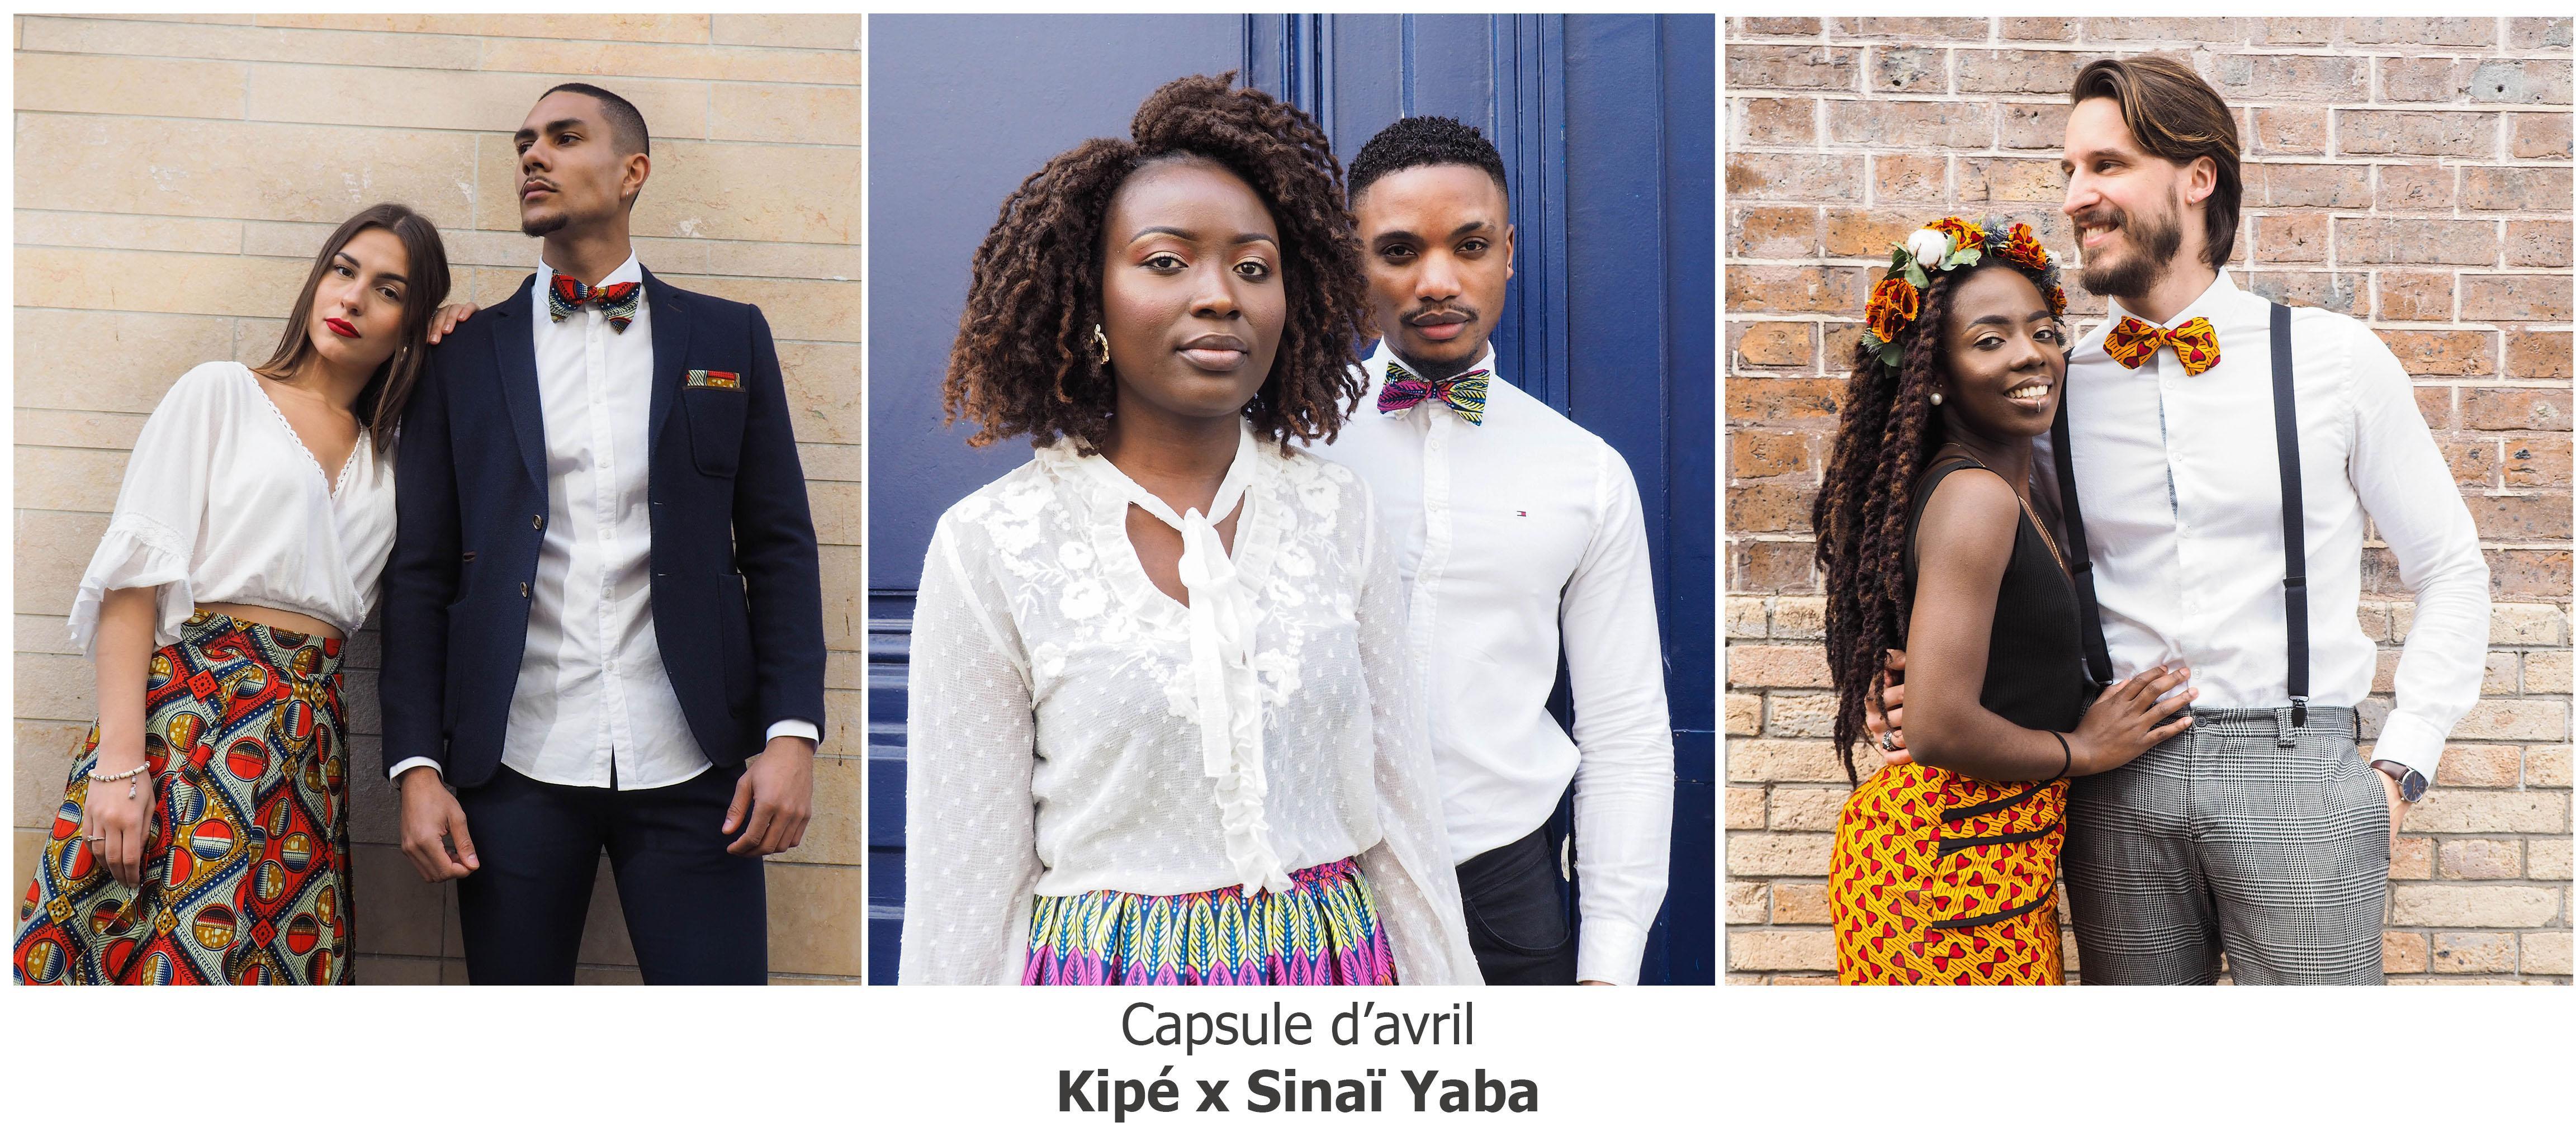 Le-Noeud-Kipé-Accessoires-Wax-Homme-Femme-Bannière-SinaiYaba